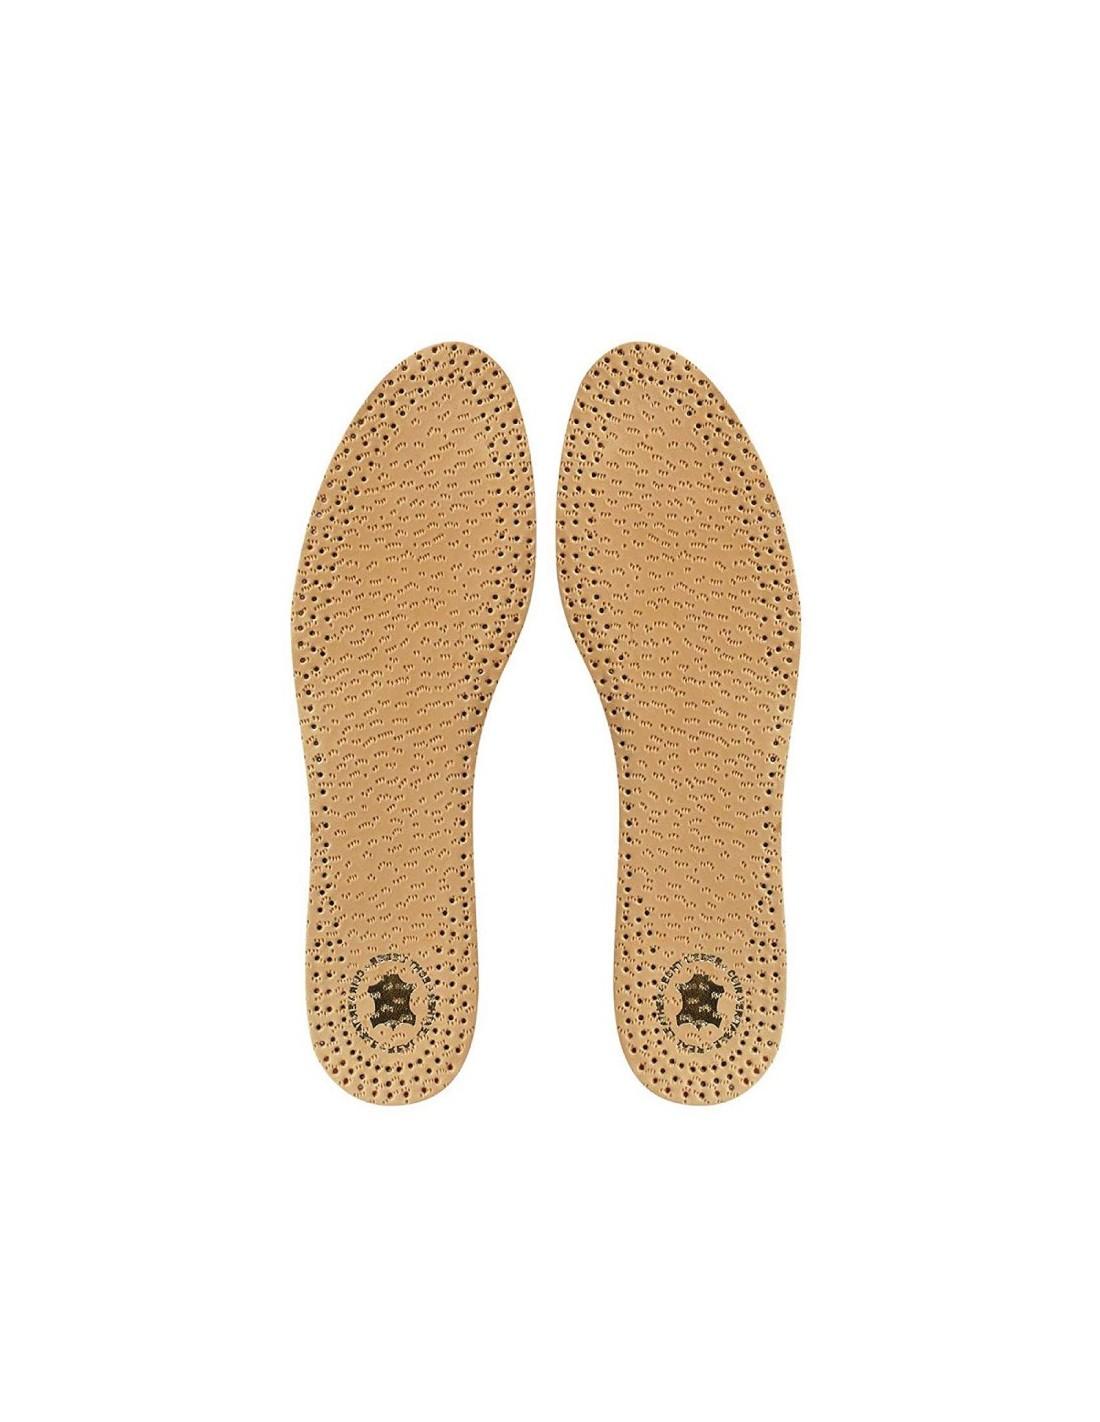 the best attitude 372e6 8d346 Solette scarpe ultrasottili in lattice per donna